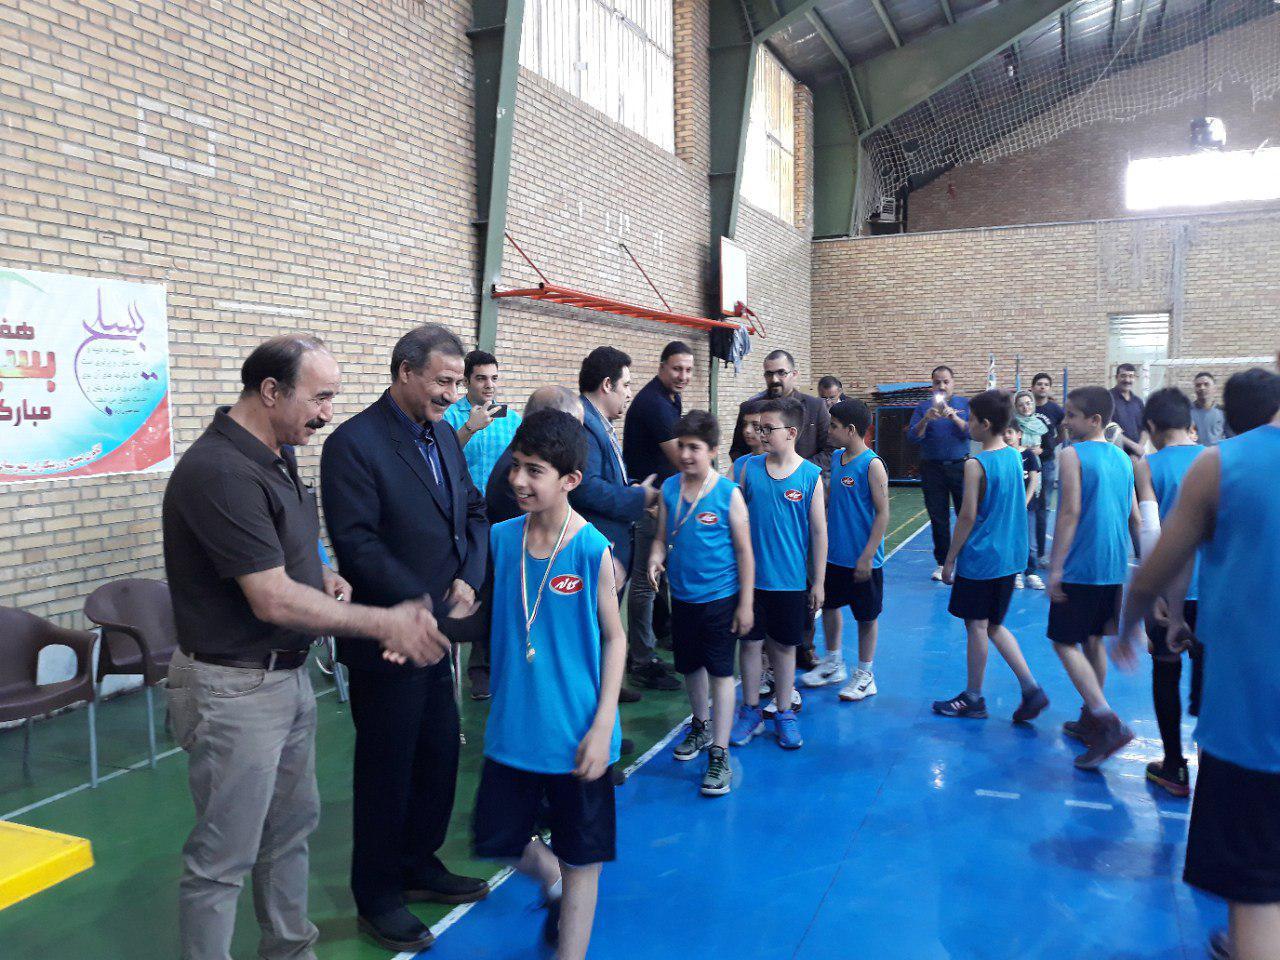 مسابقات لیگ میکرو و مینی بسکتبال شهرستان شهریار برگزار شد